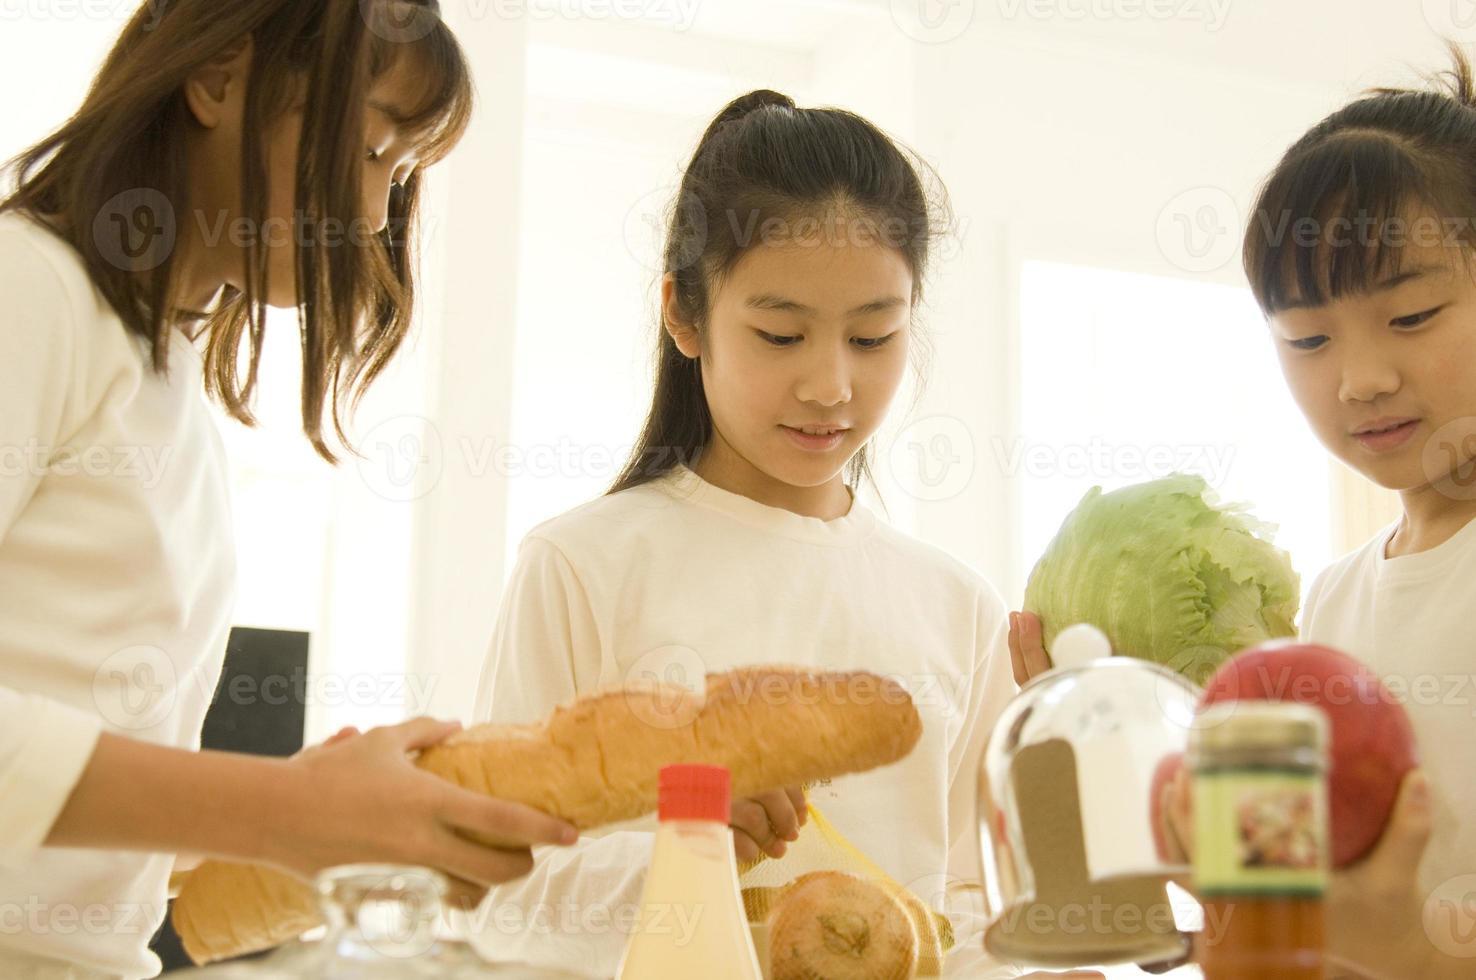 bambini giapponesi che si preparano per cucinare foto